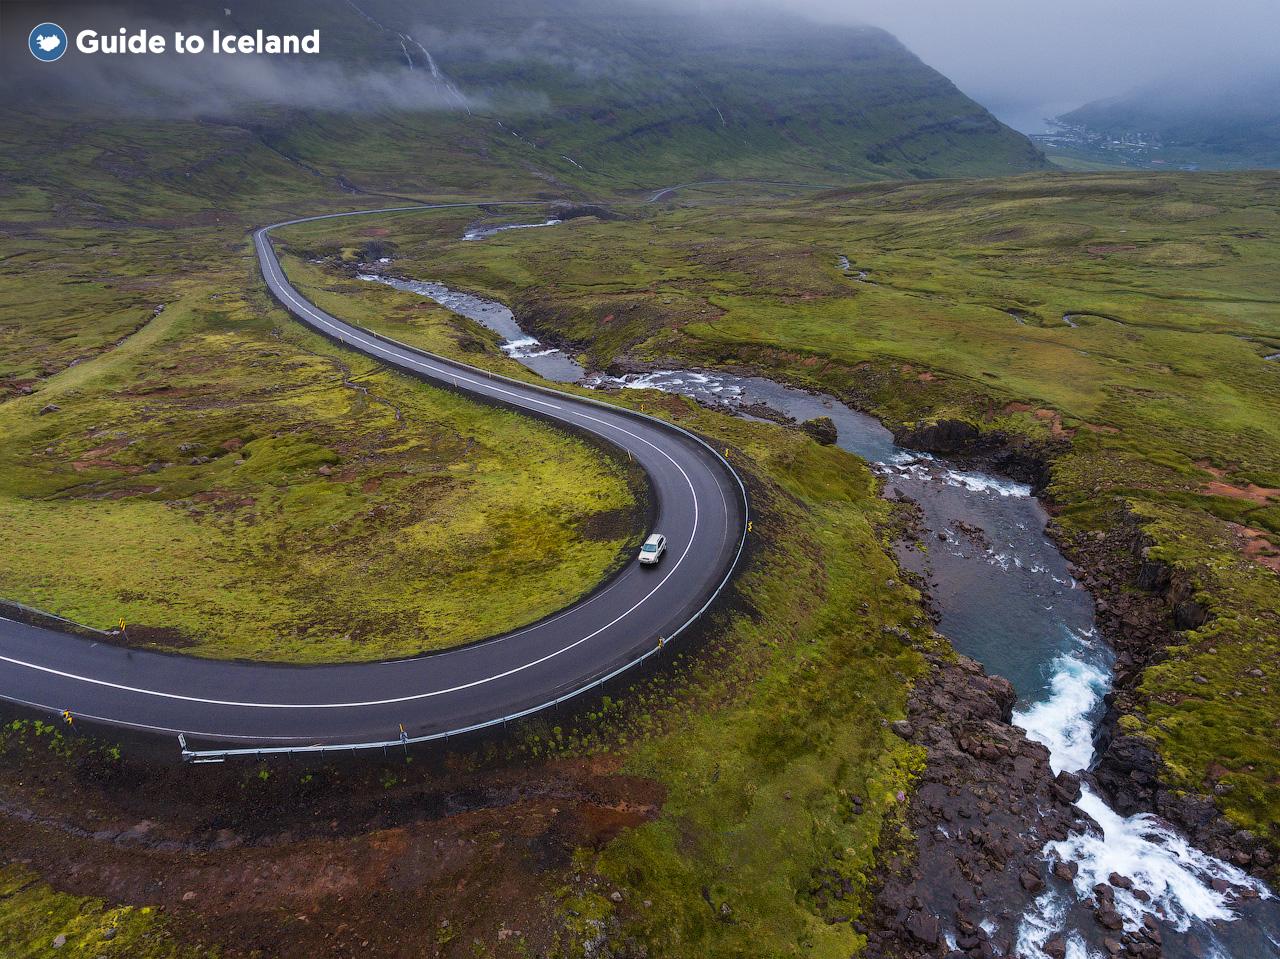 10 dni, samodzielna podróż   Dookoła Islandii zgodnie z ruchem wskazówek zegara - day 6